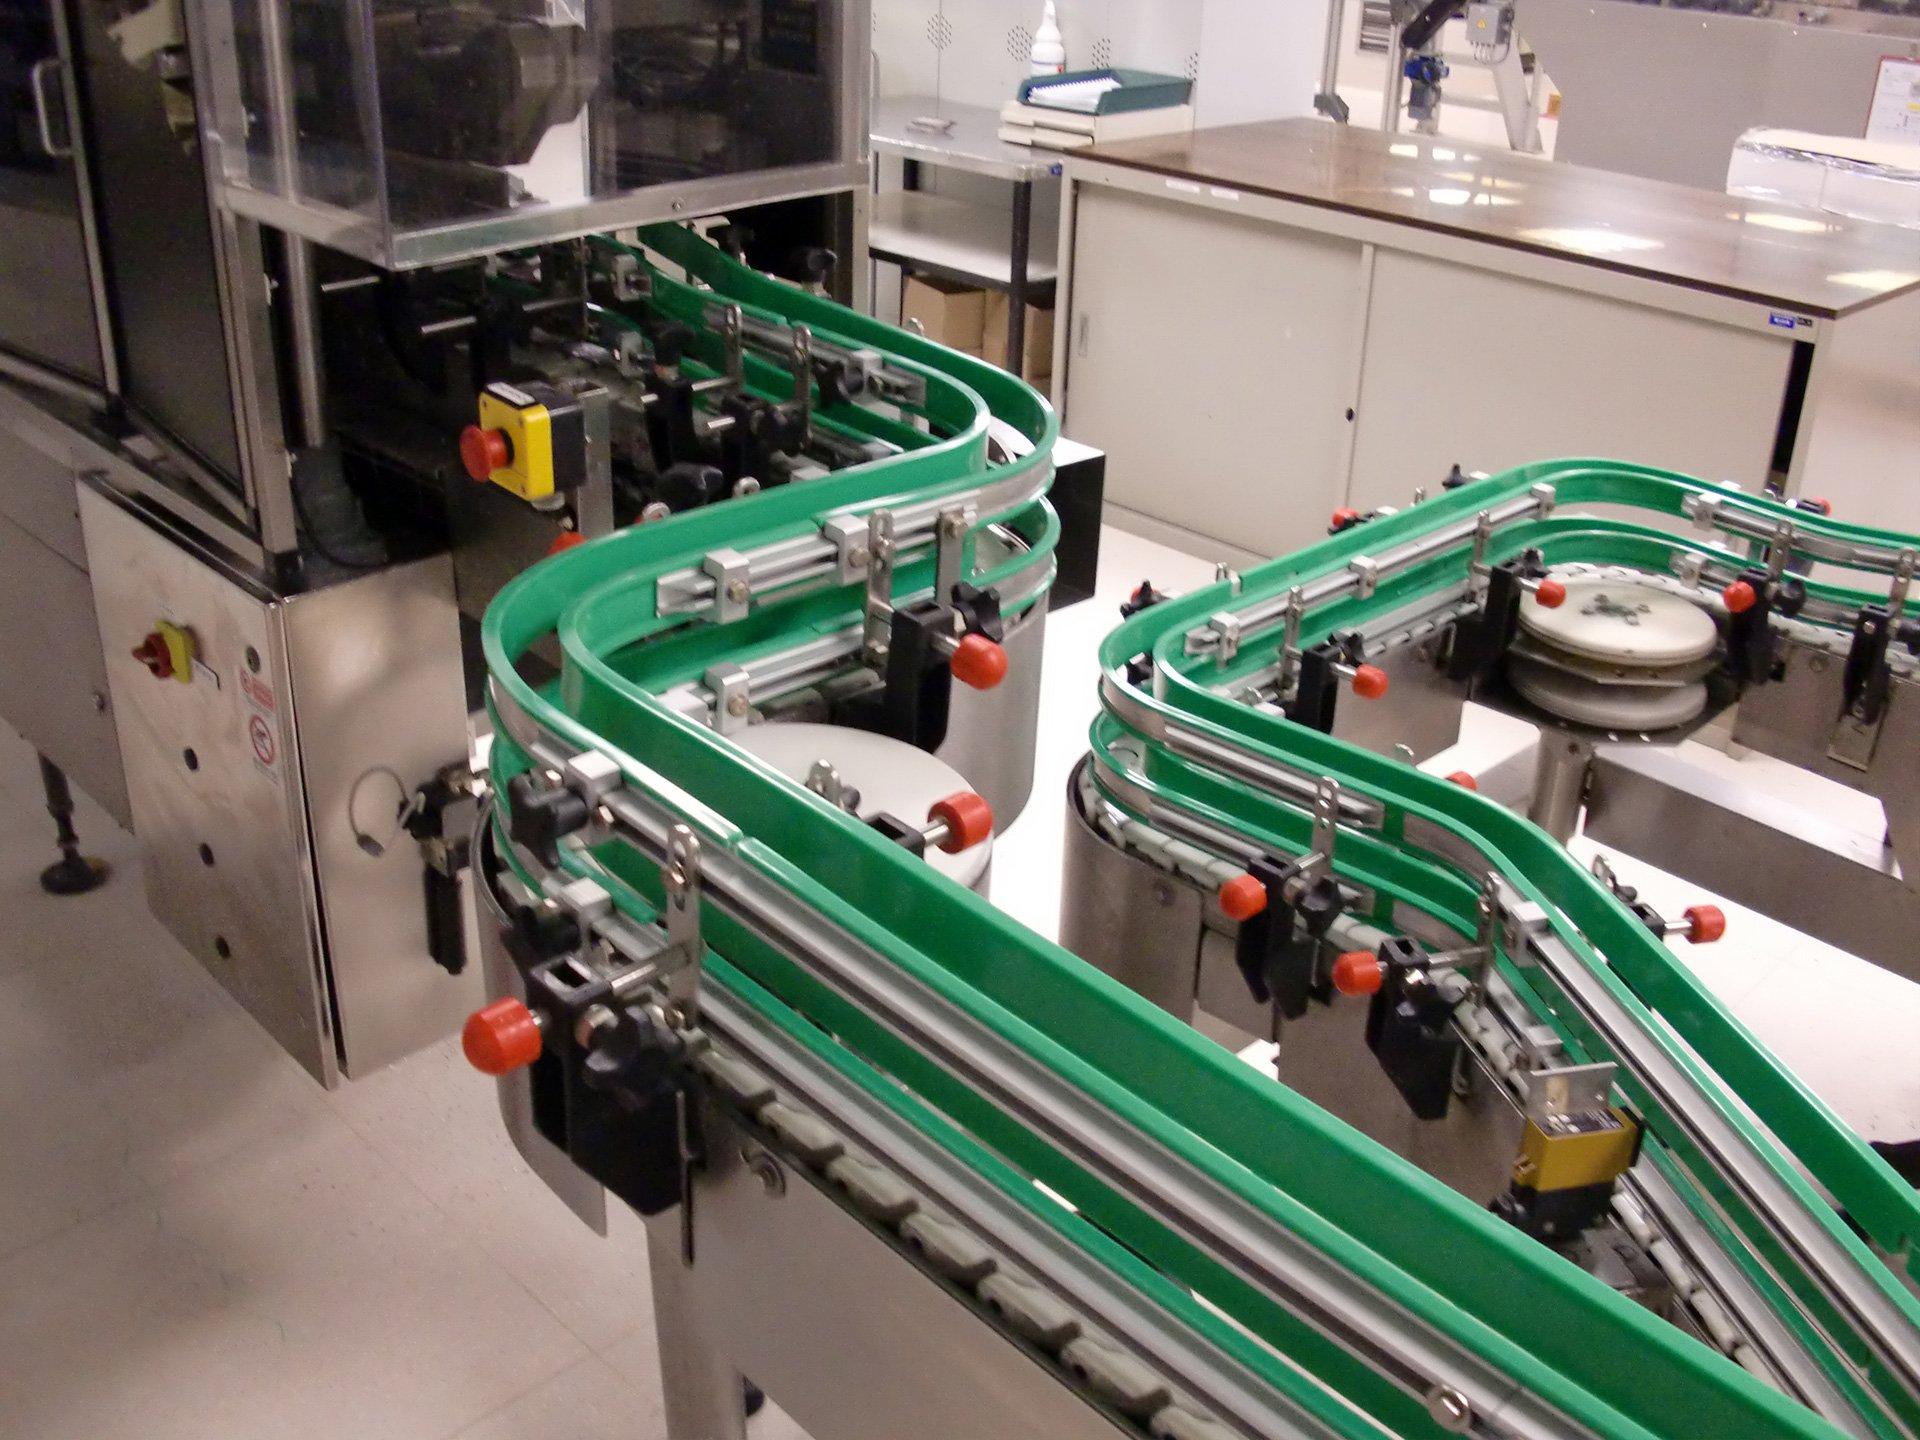 dei componenti in ferro di color verde di un impianto di automazione